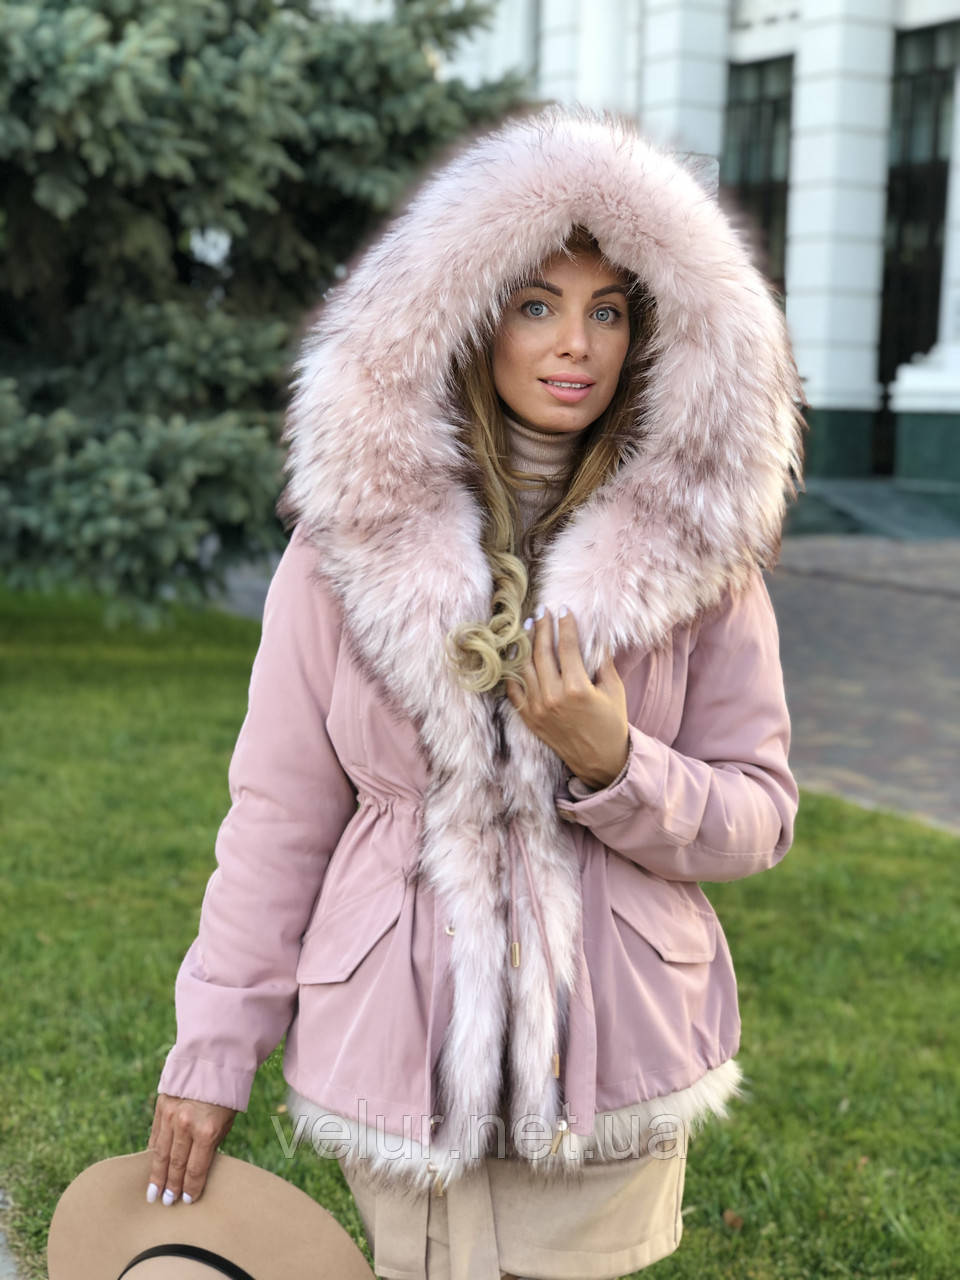 Рожева куртка парку з натуральним хутром білої арктичної лисиці на капюшоні